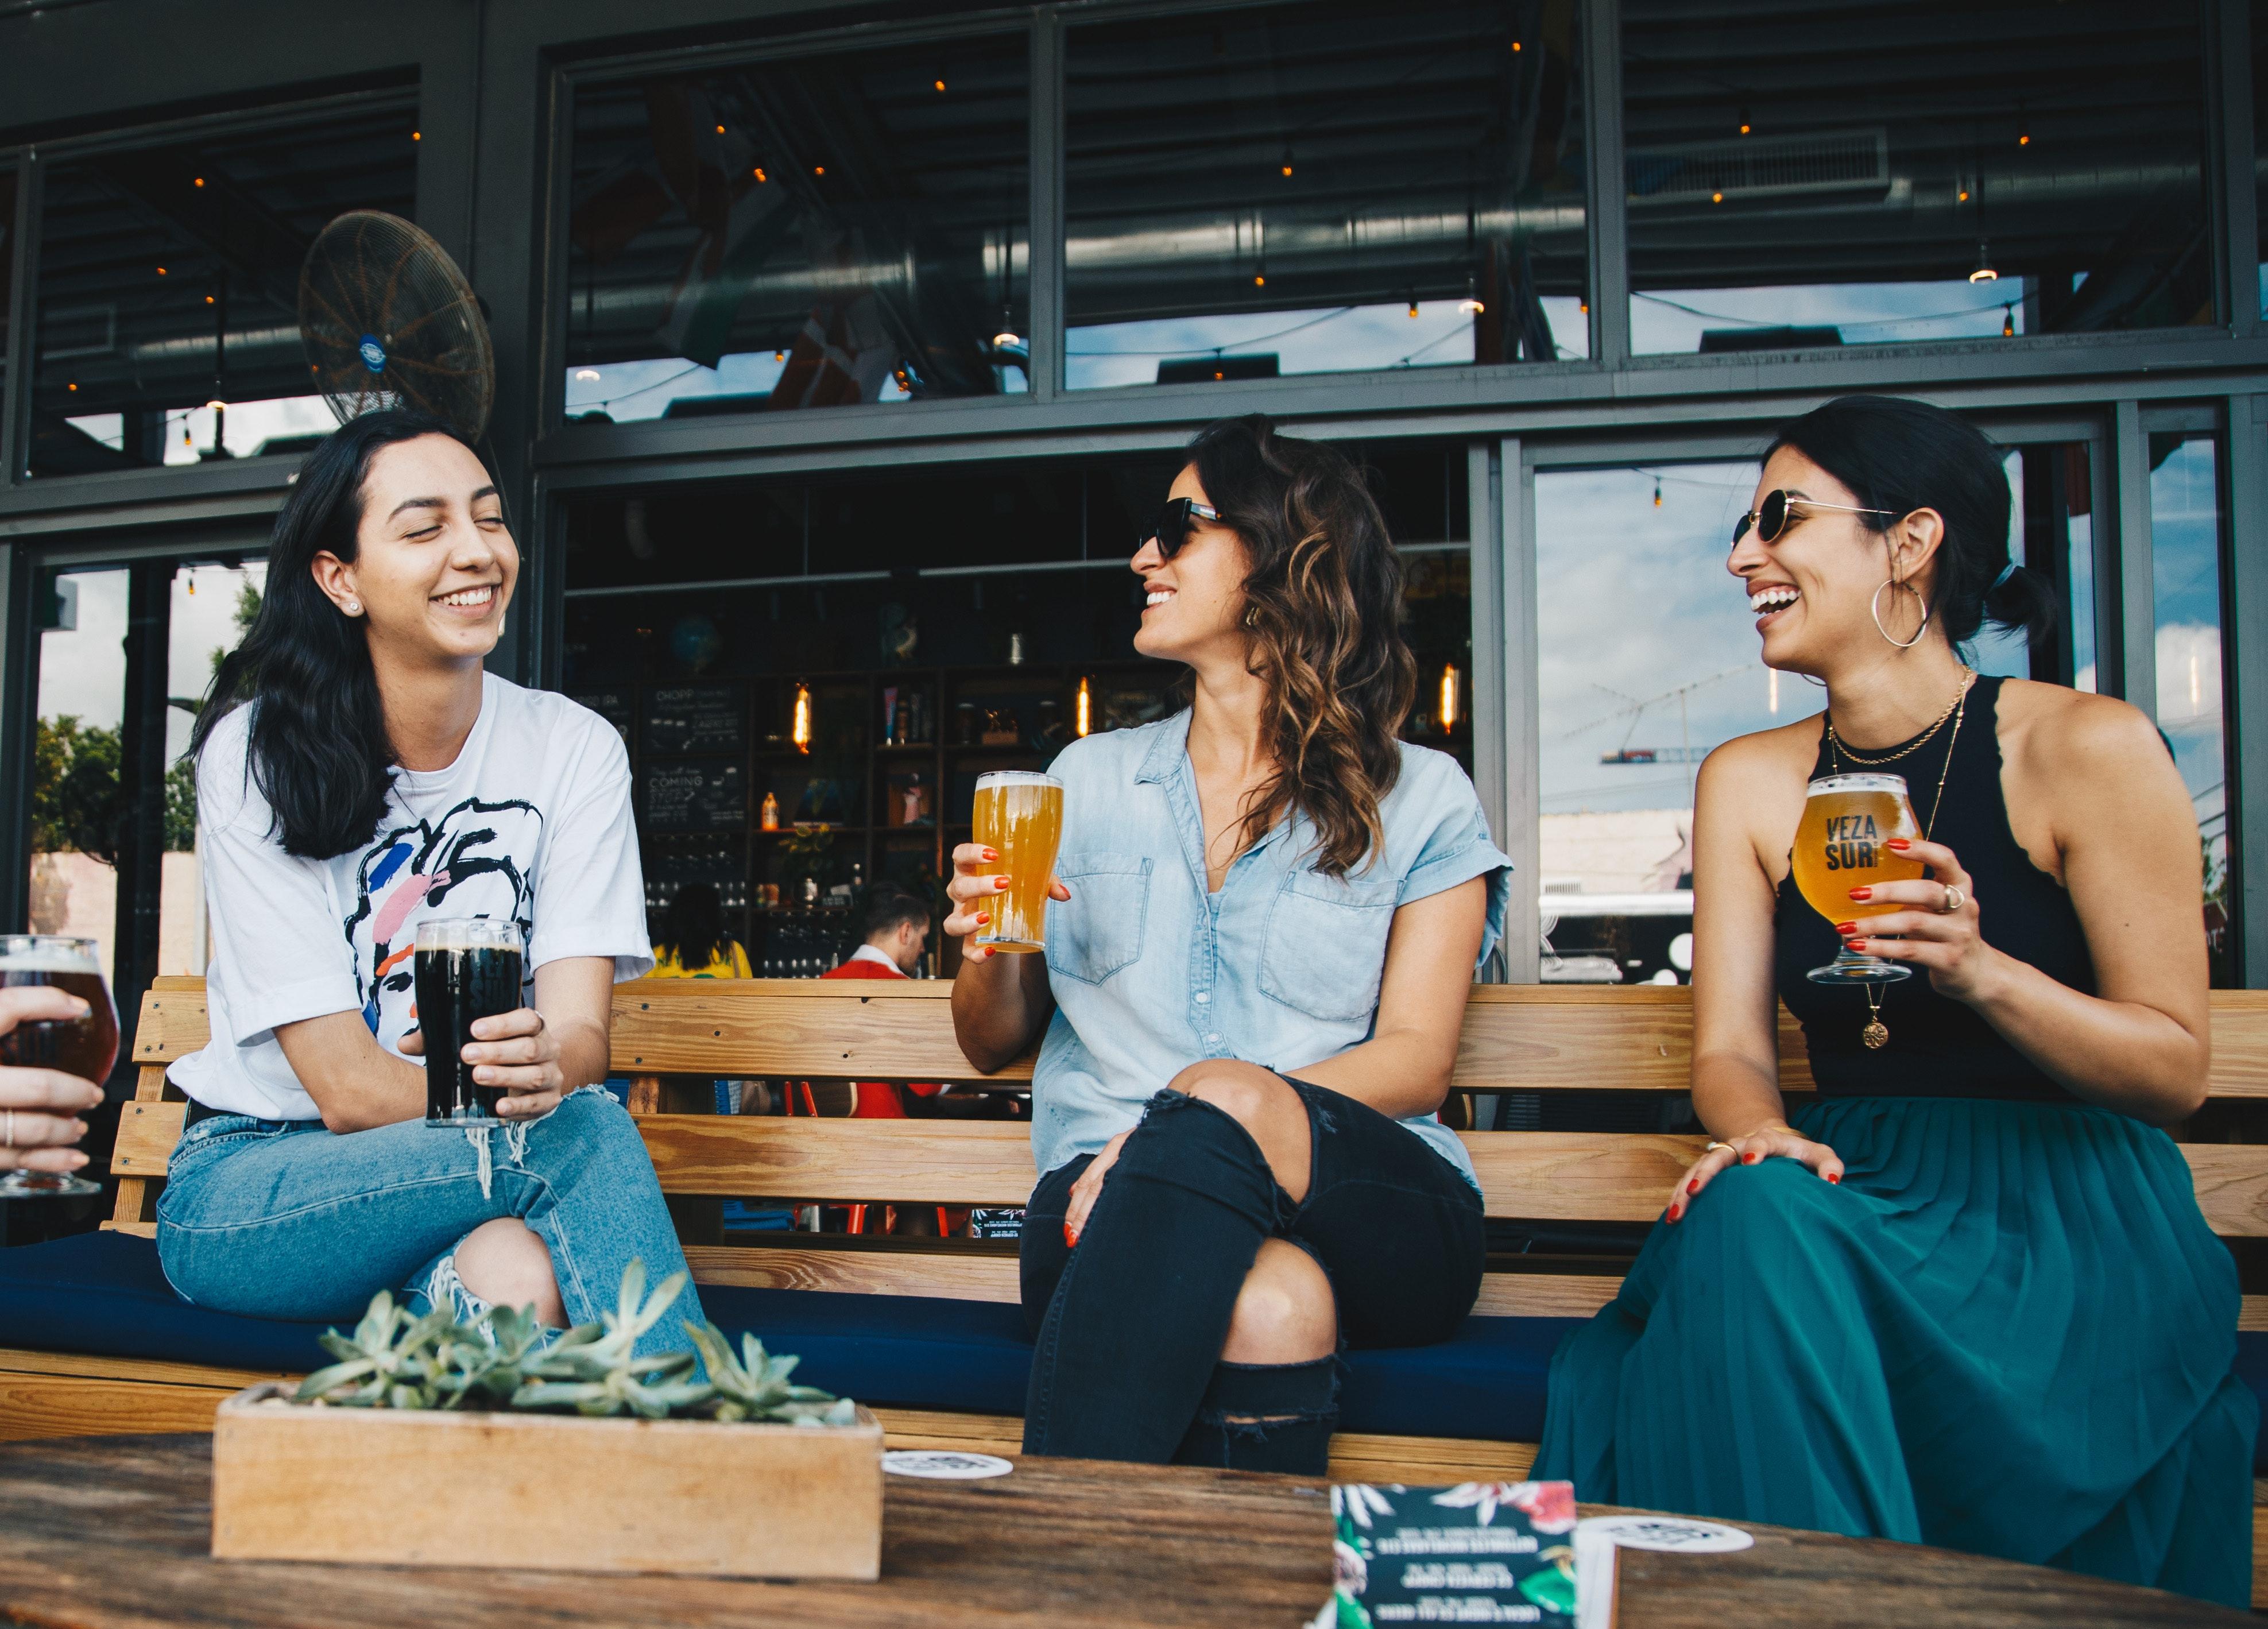 Người lớn quán ba bia đồ uống sự hưởng thụ bạn bè nhóm vui mừng những